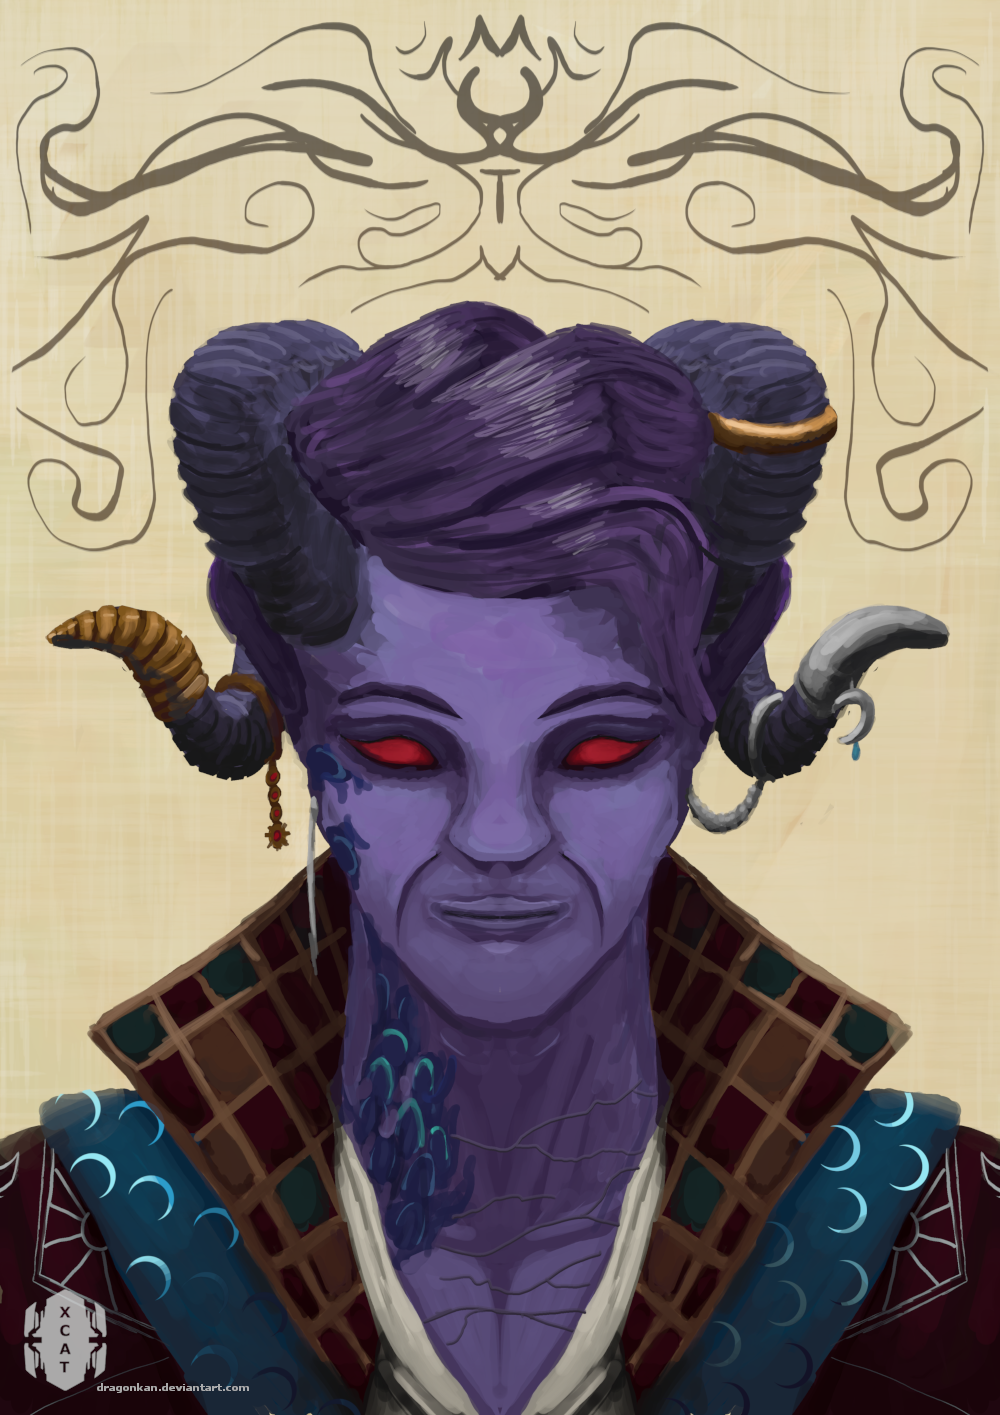 Mollymauk Tealeaf - critical role fan art by dragonkan